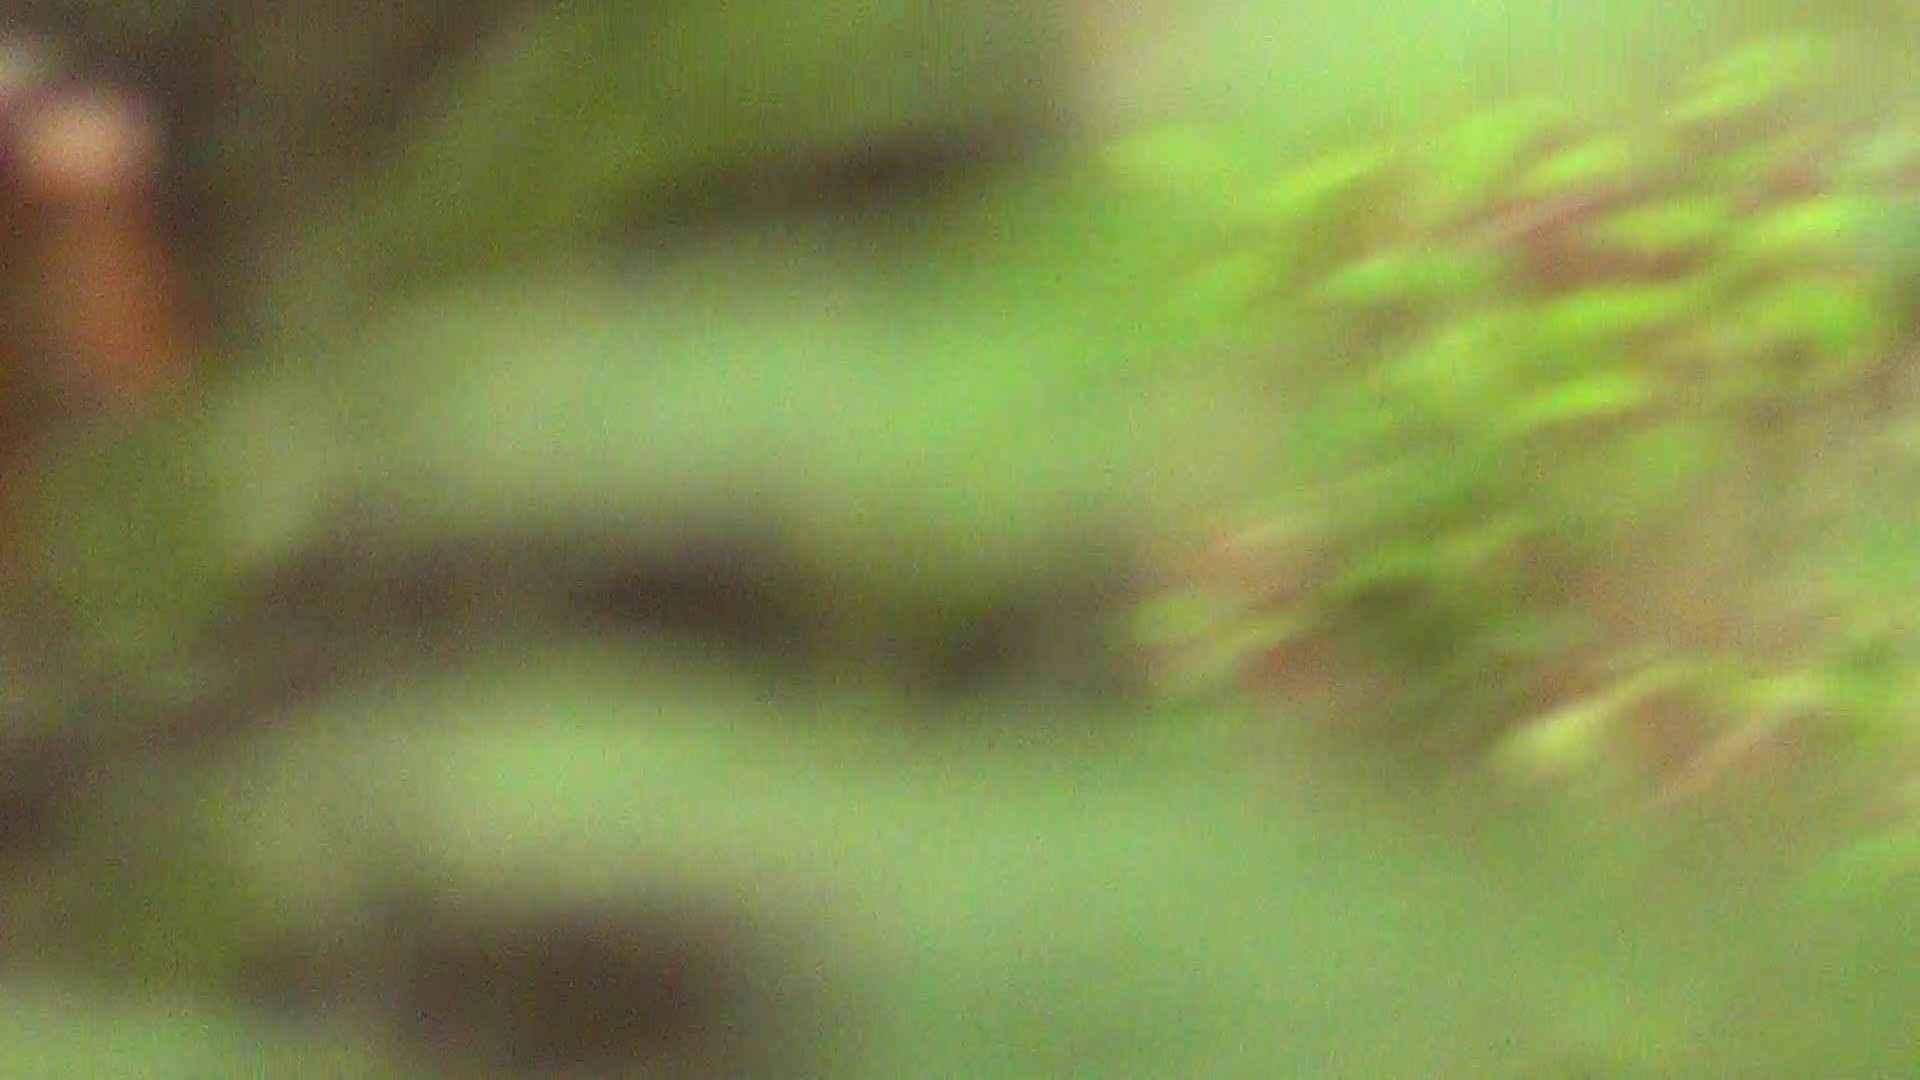 ハイビジョンVol.18 美女盛り合わせ No.6 美女 オメコ動画キャプチャ 107画像 74